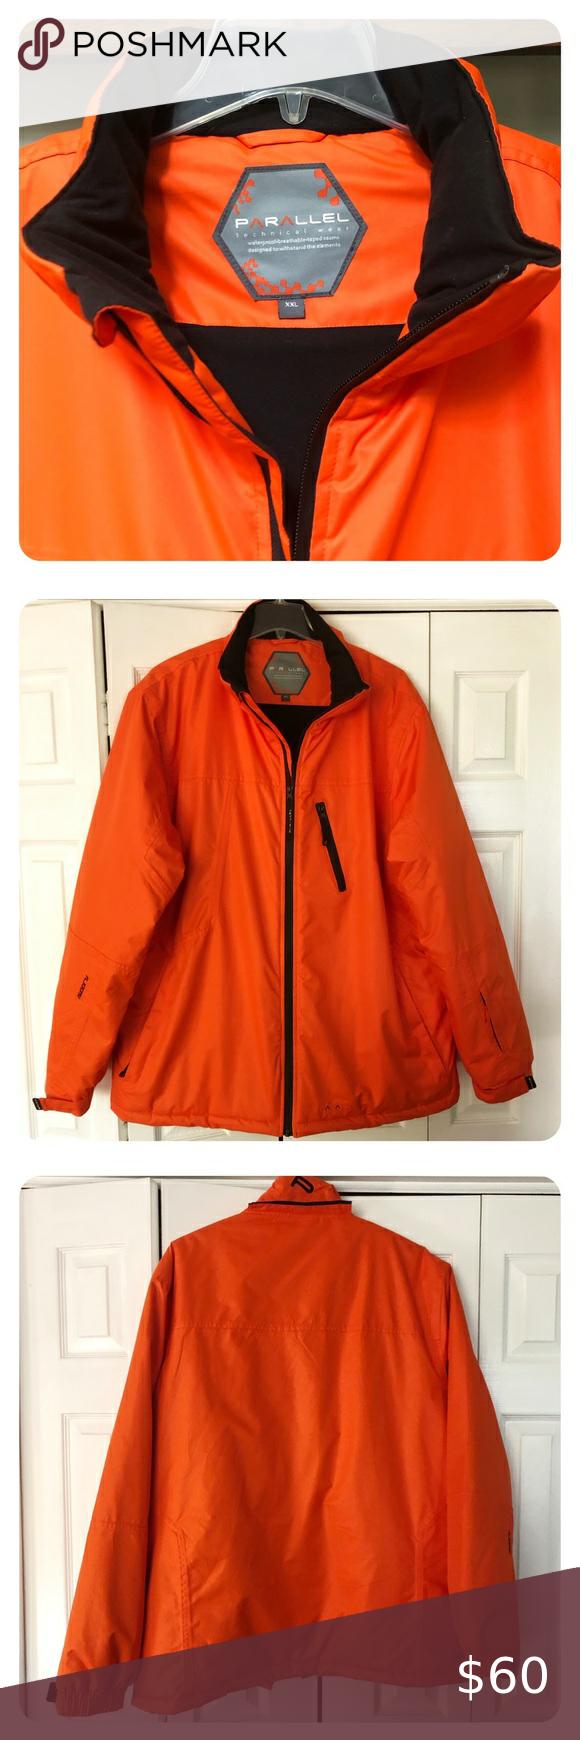 ❣️NWOT❣️PARALLEL Technical Wear Jacket, size XXL